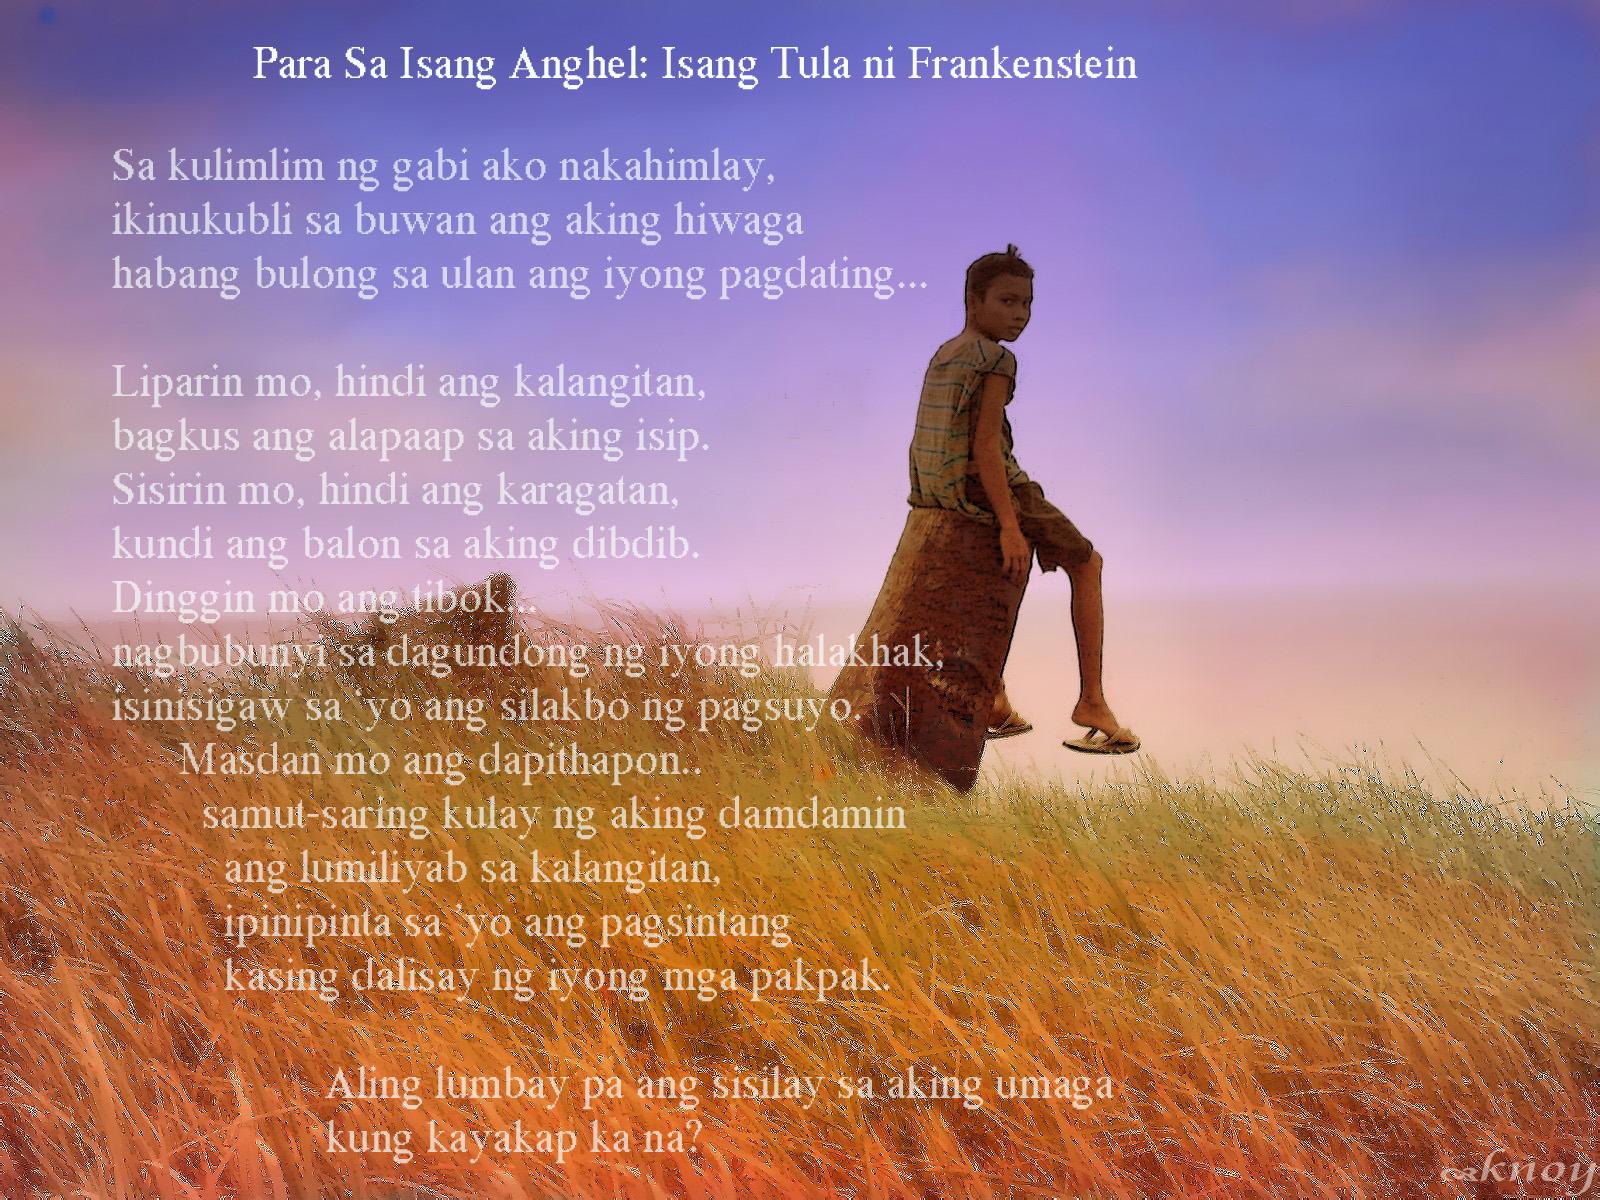 pa pala itong larawan na naglalaman ng tula binalot ito ng mismong